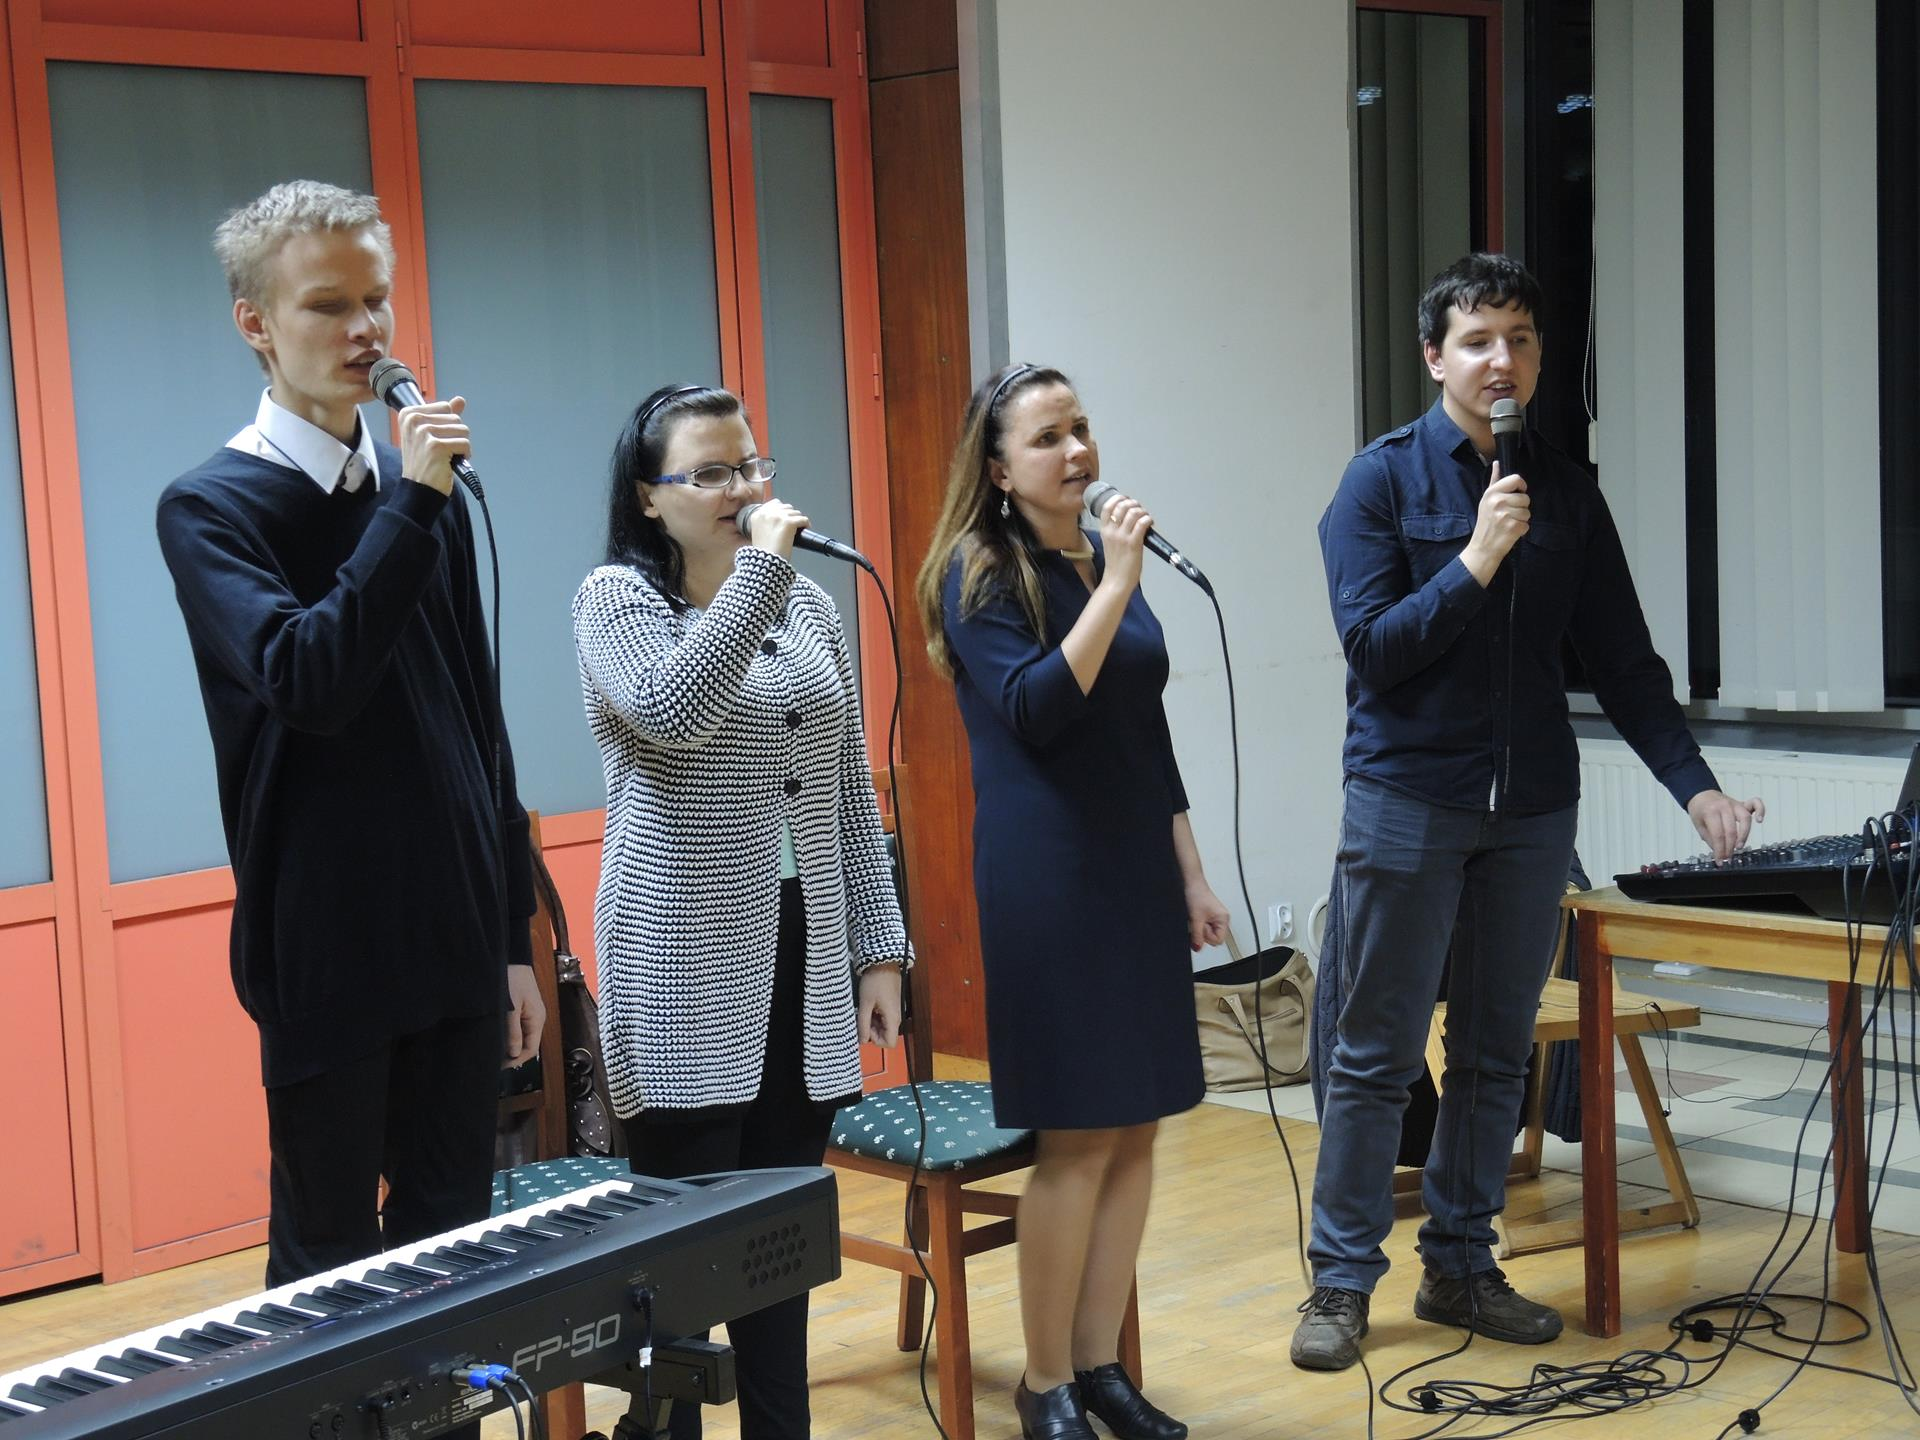 Cztery osoby (dwóch mężczyzn, dwie kobiety) stoją, śpiewają. Mężczyzna, który stoi po lewej stronie ma, po swojej prawej stronie, klawisze. Mężczyzna, który stoi po prawej ma przed sobą mikser.